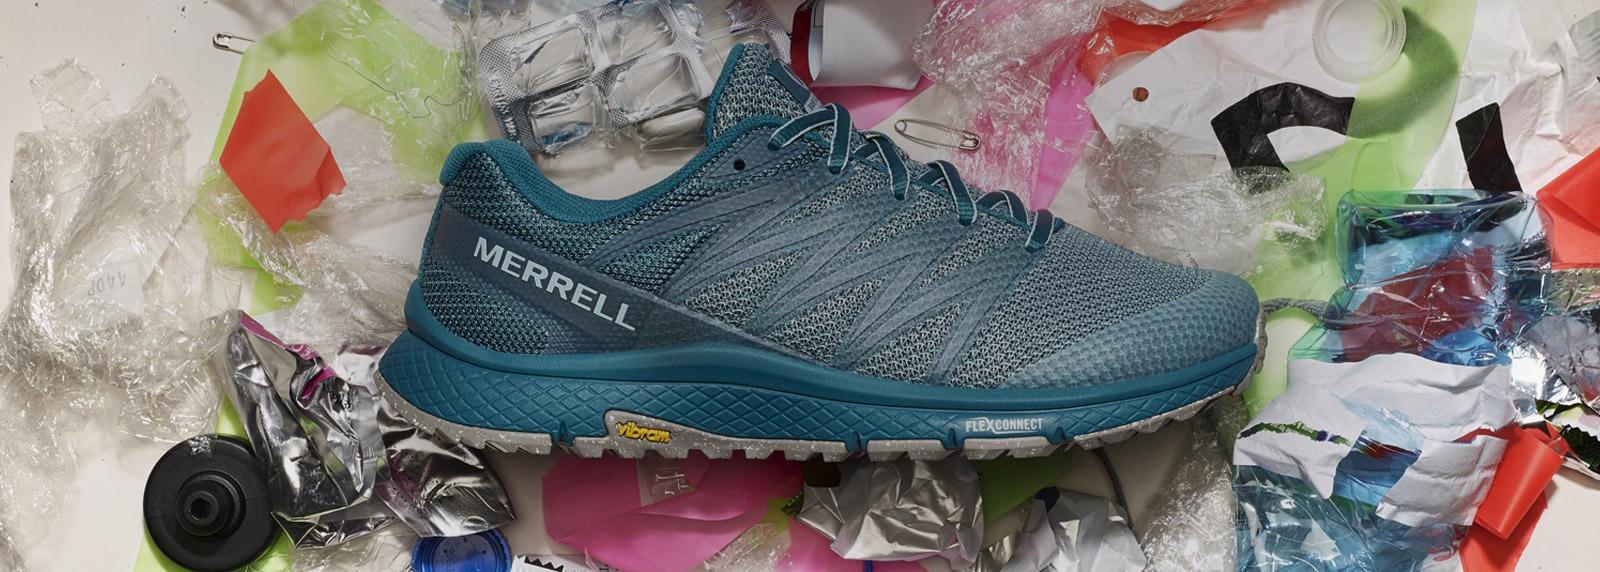 Merrell Bare Access XTR Sweeper